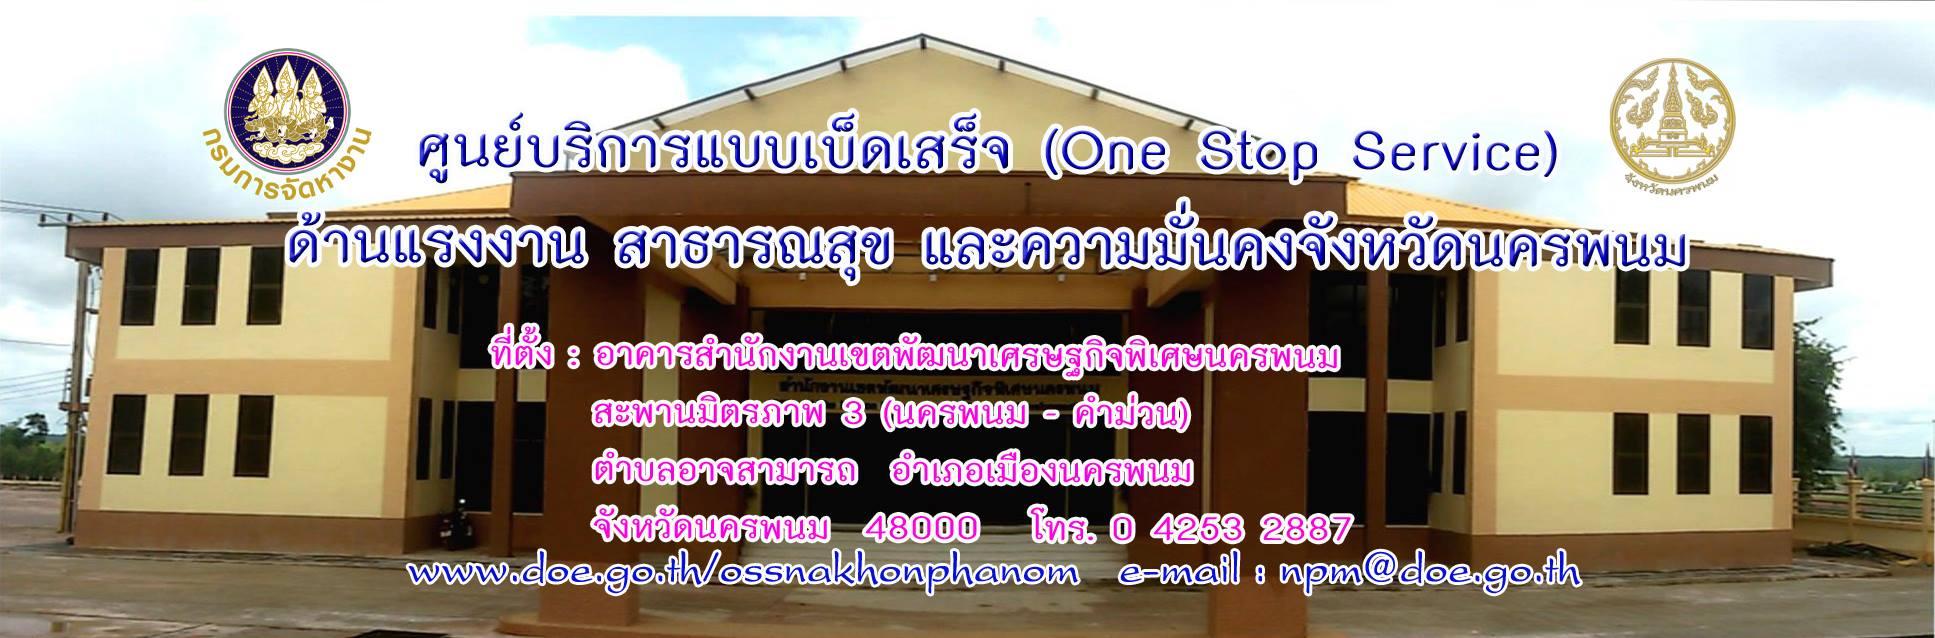 facebook oss